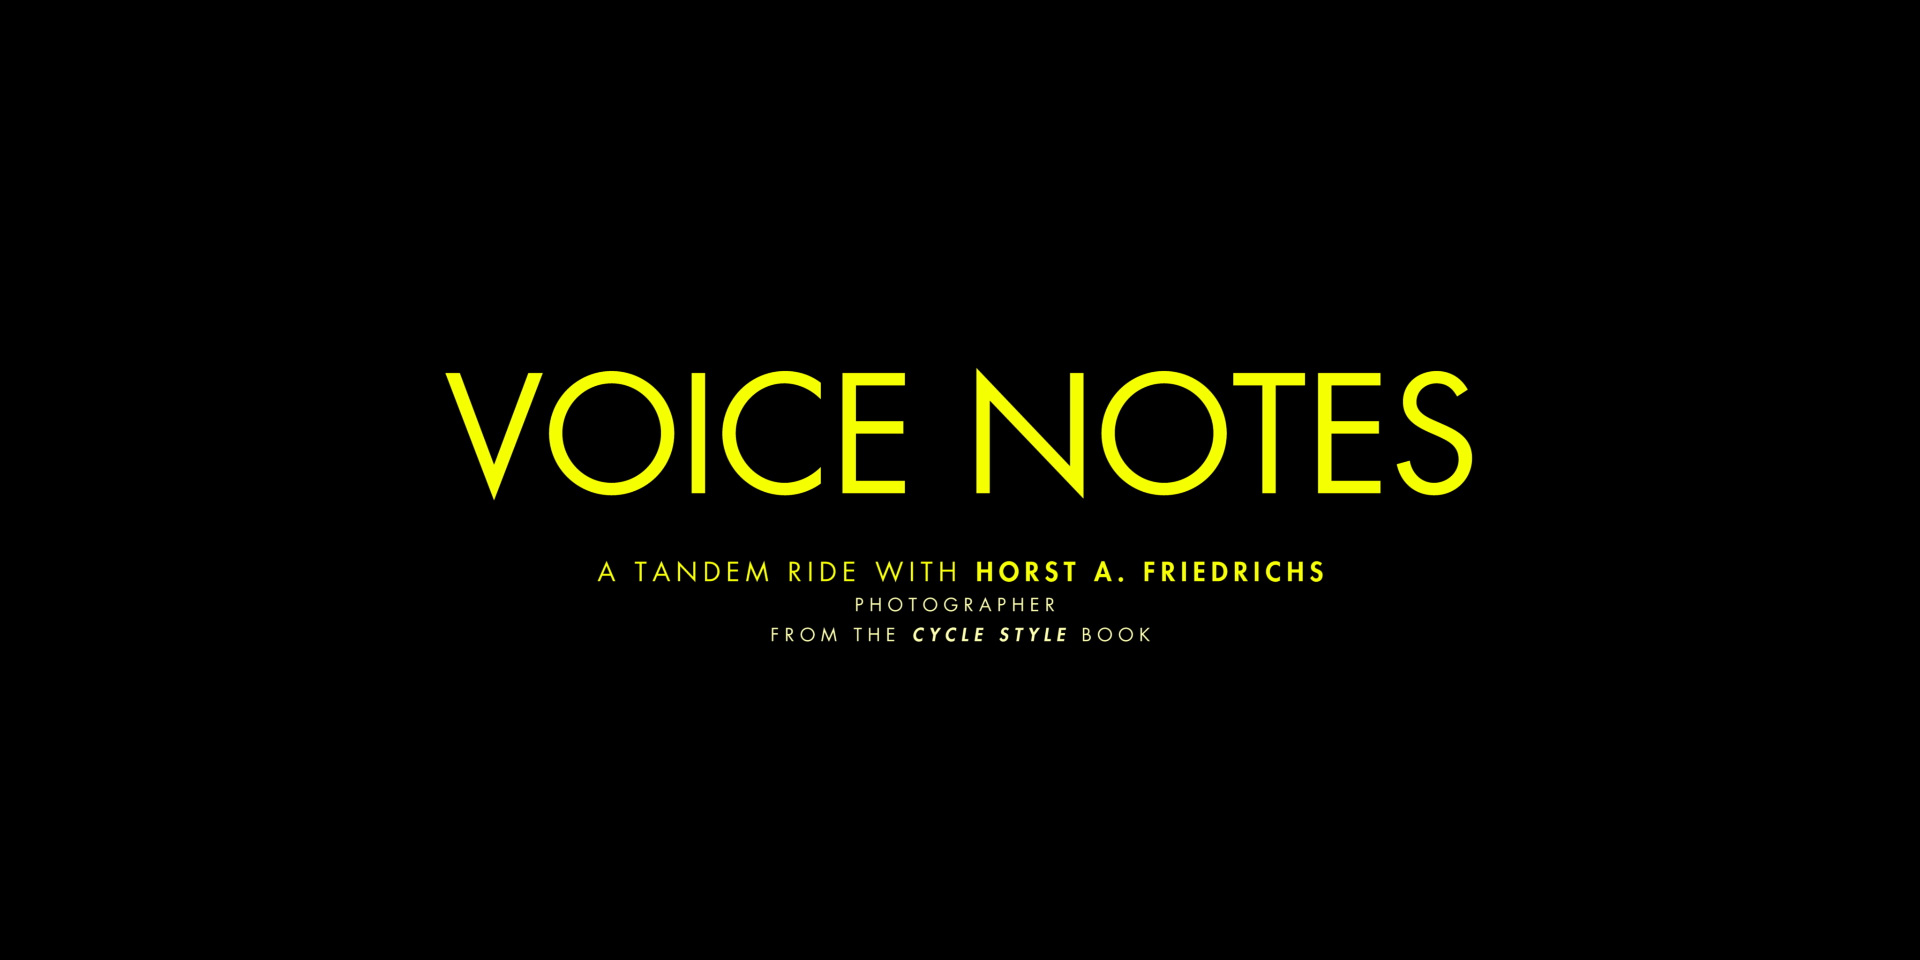 VoiceNotes_Still_01_web.jpg